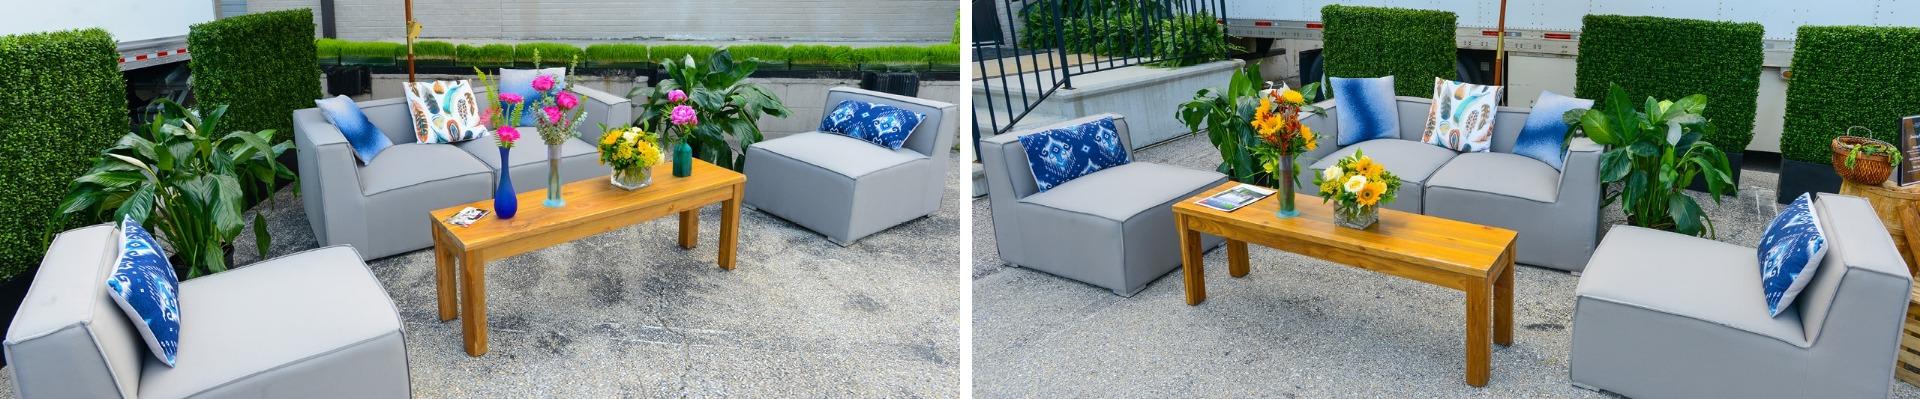 gray outdoor furniture rentals